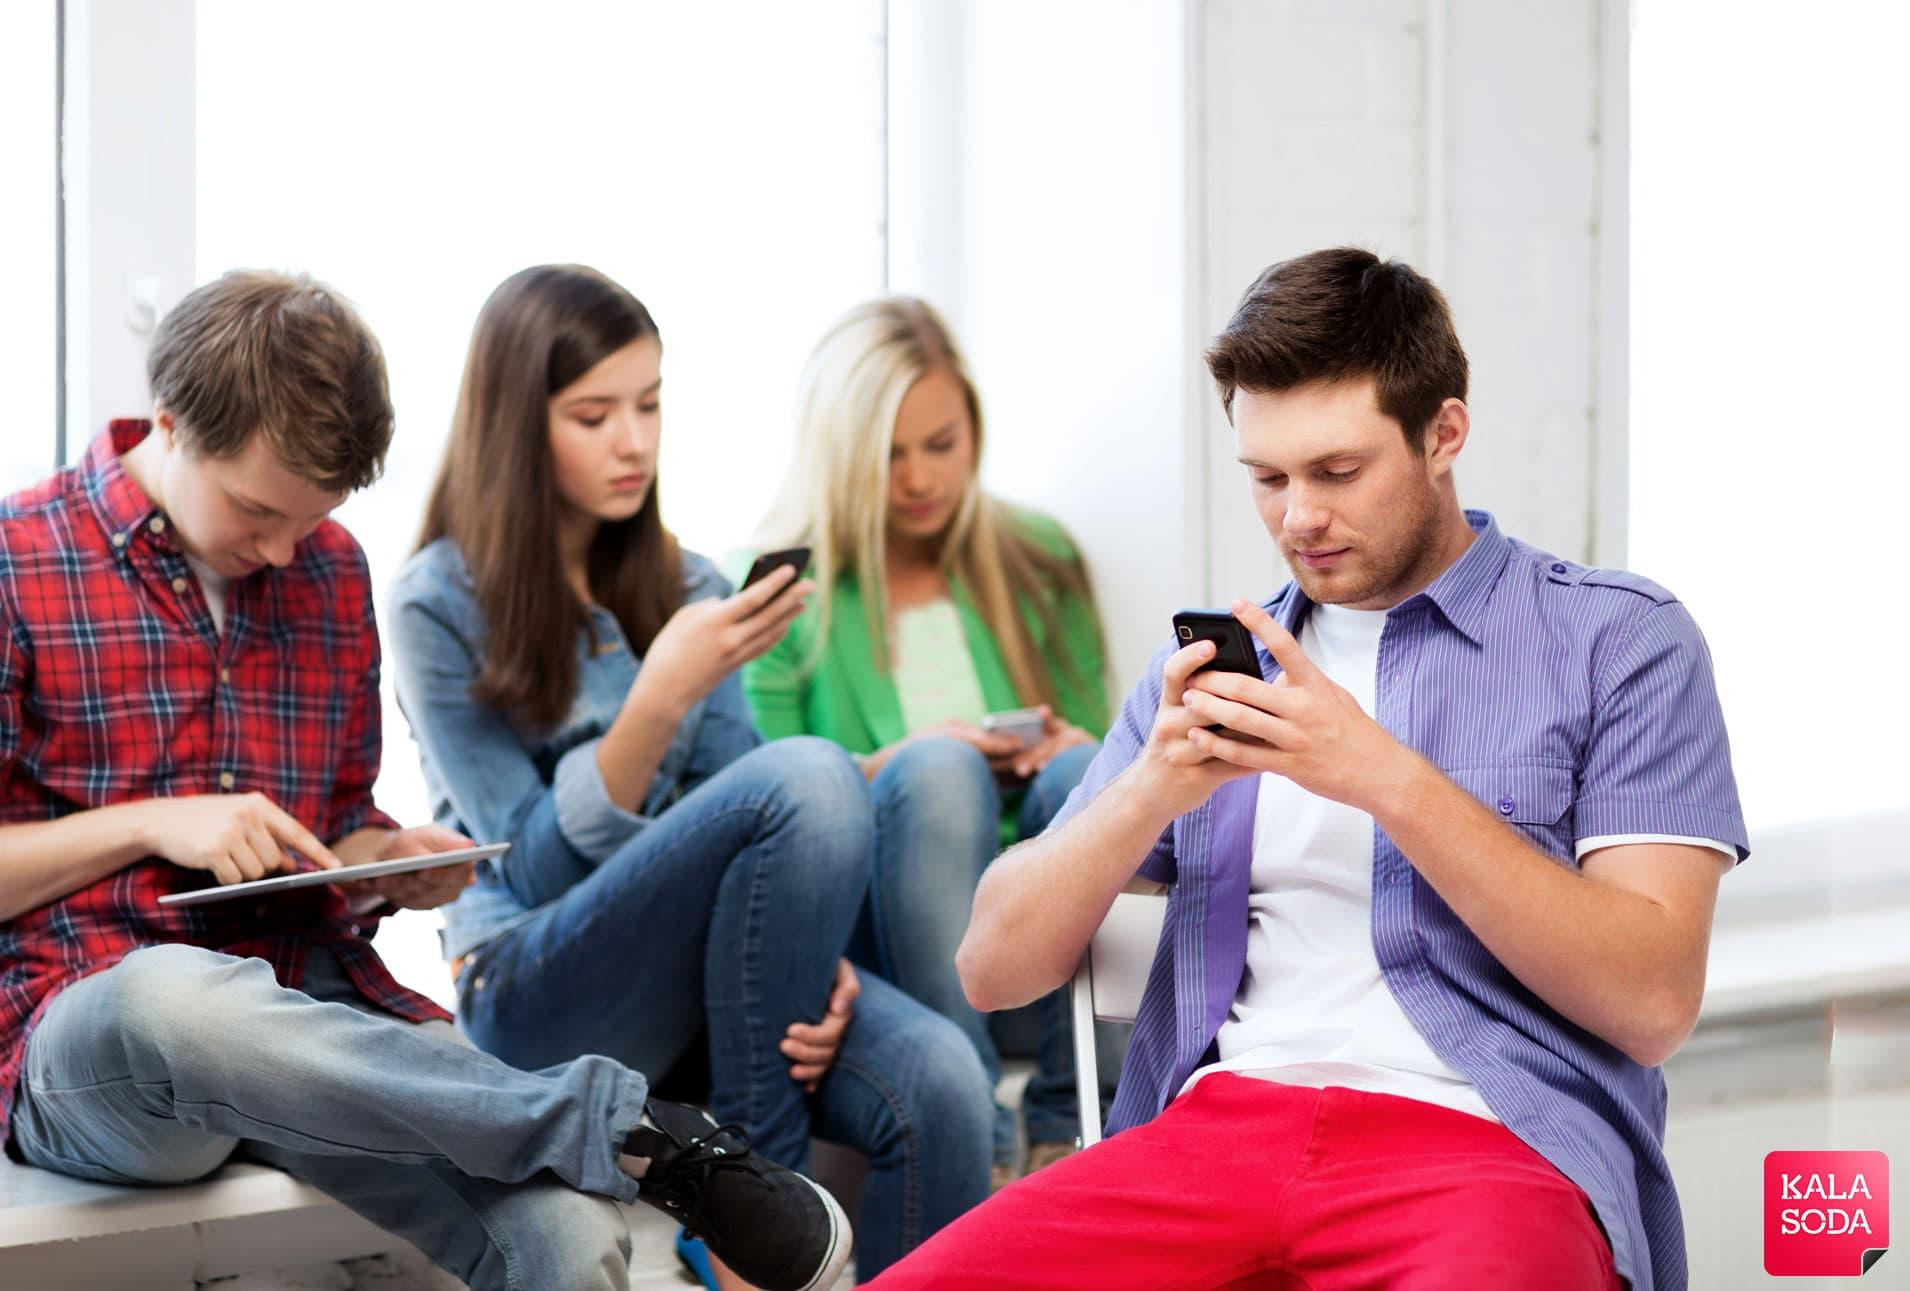 اپل مسئول بررسی اعتیاد نوجوانان به گوشی شد|کالاسودا